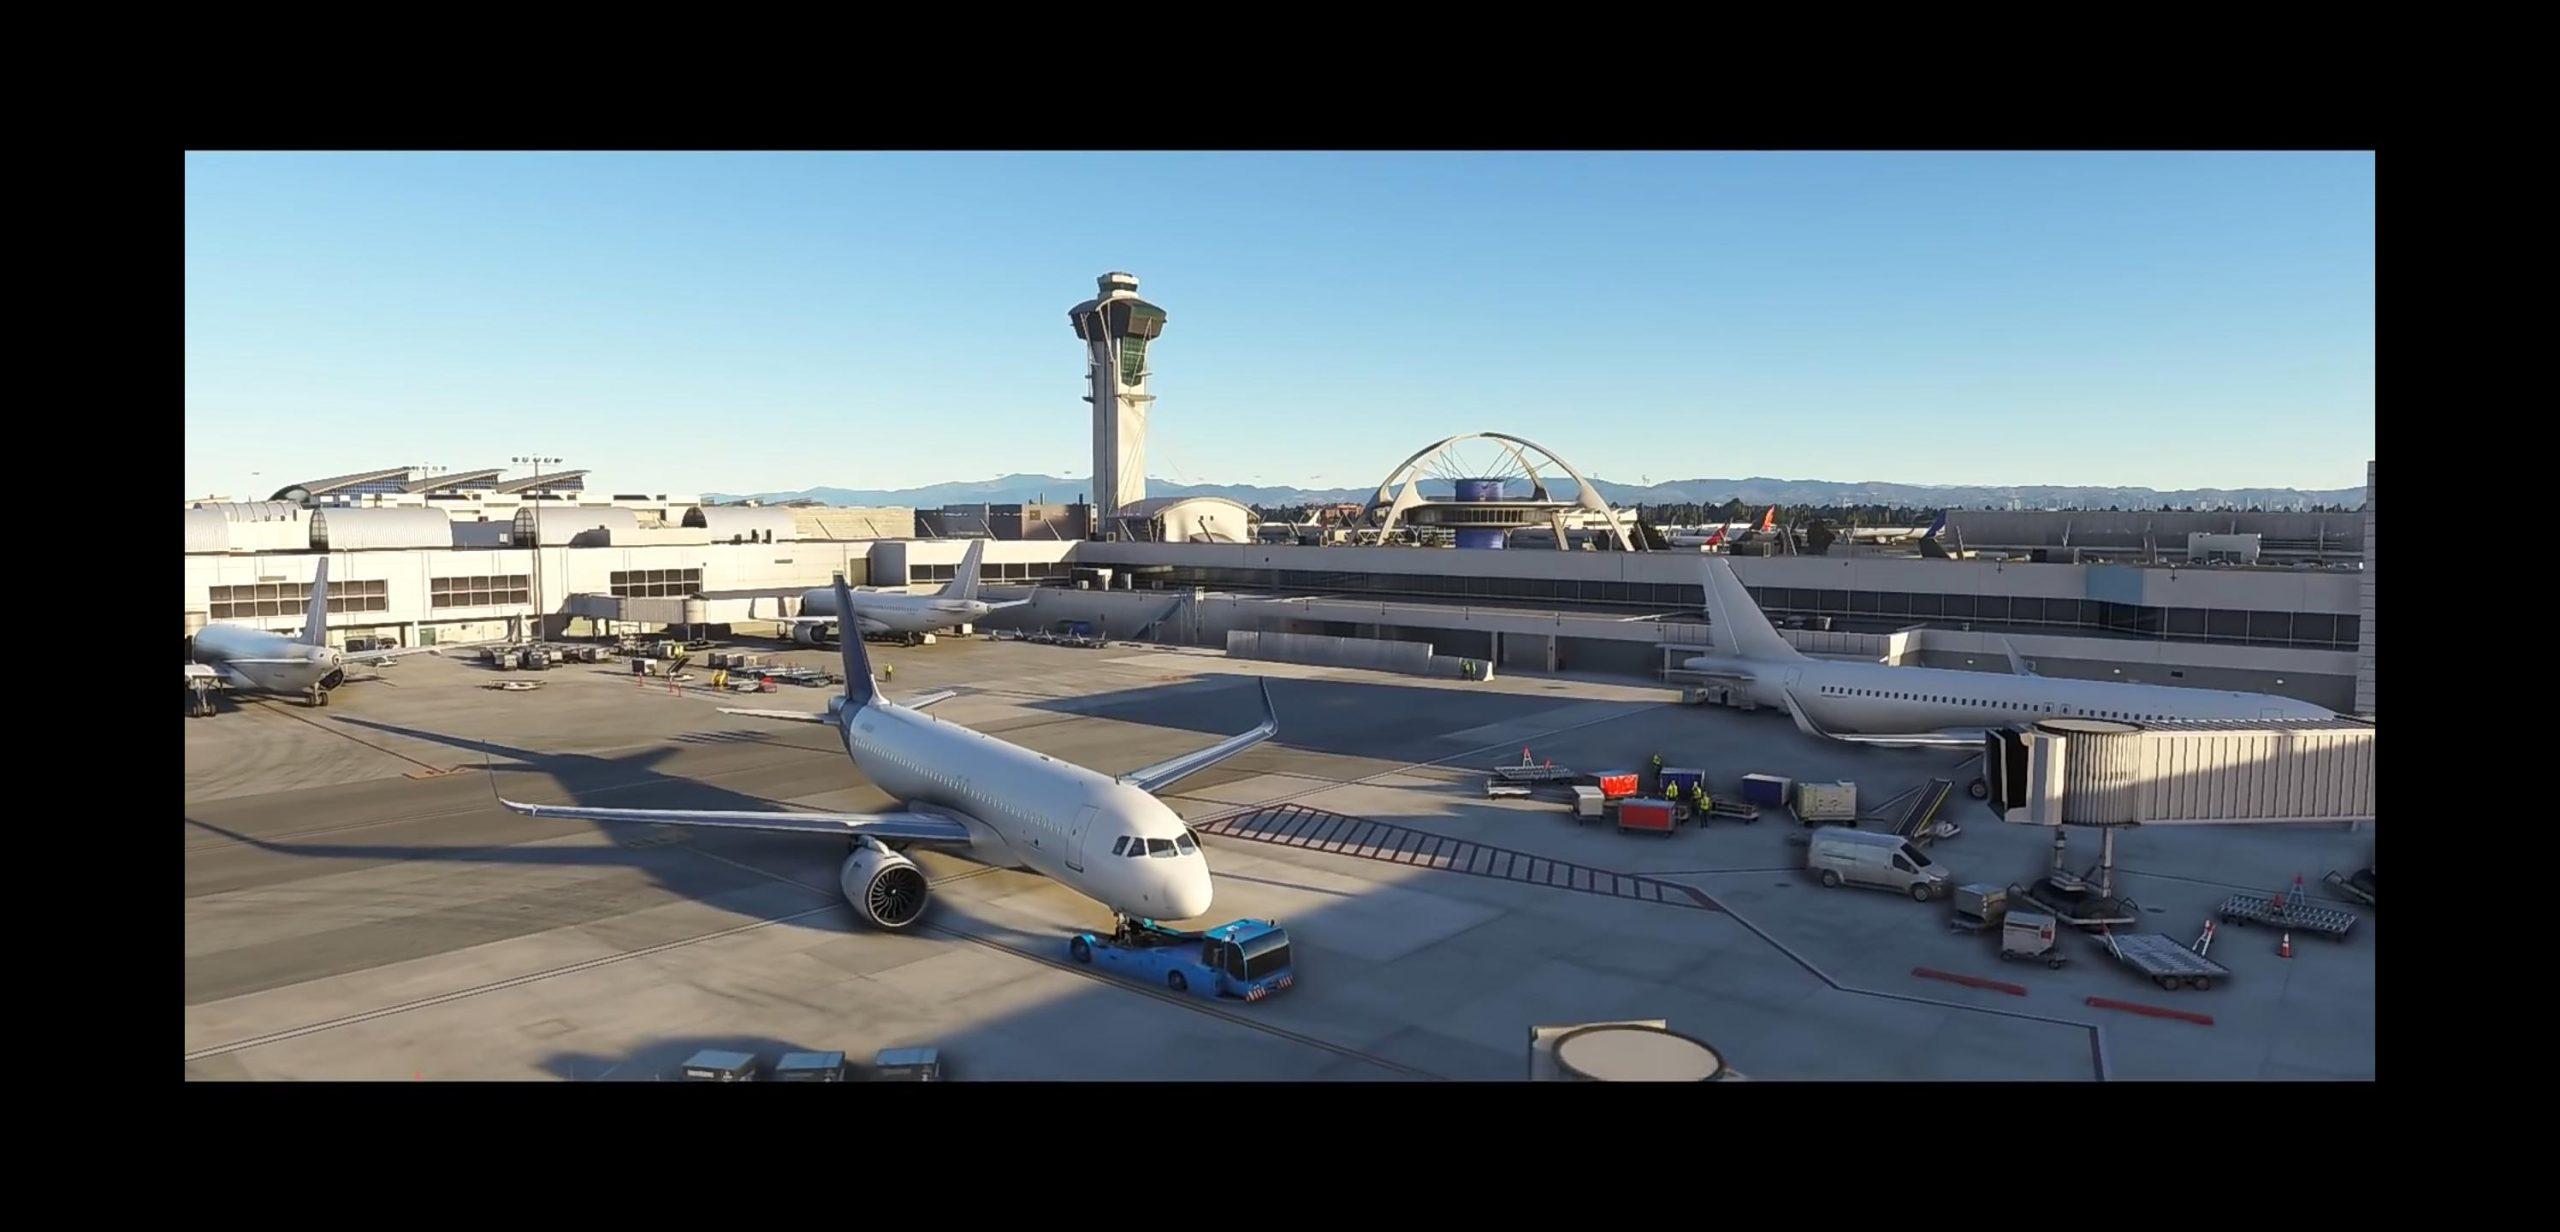 8 15 scaled - 【動画あり】完全に実写な次世代ゲーム「Microsoft Flight Simulator」本日発売!! これがゲームとはマジで信じられないレベル